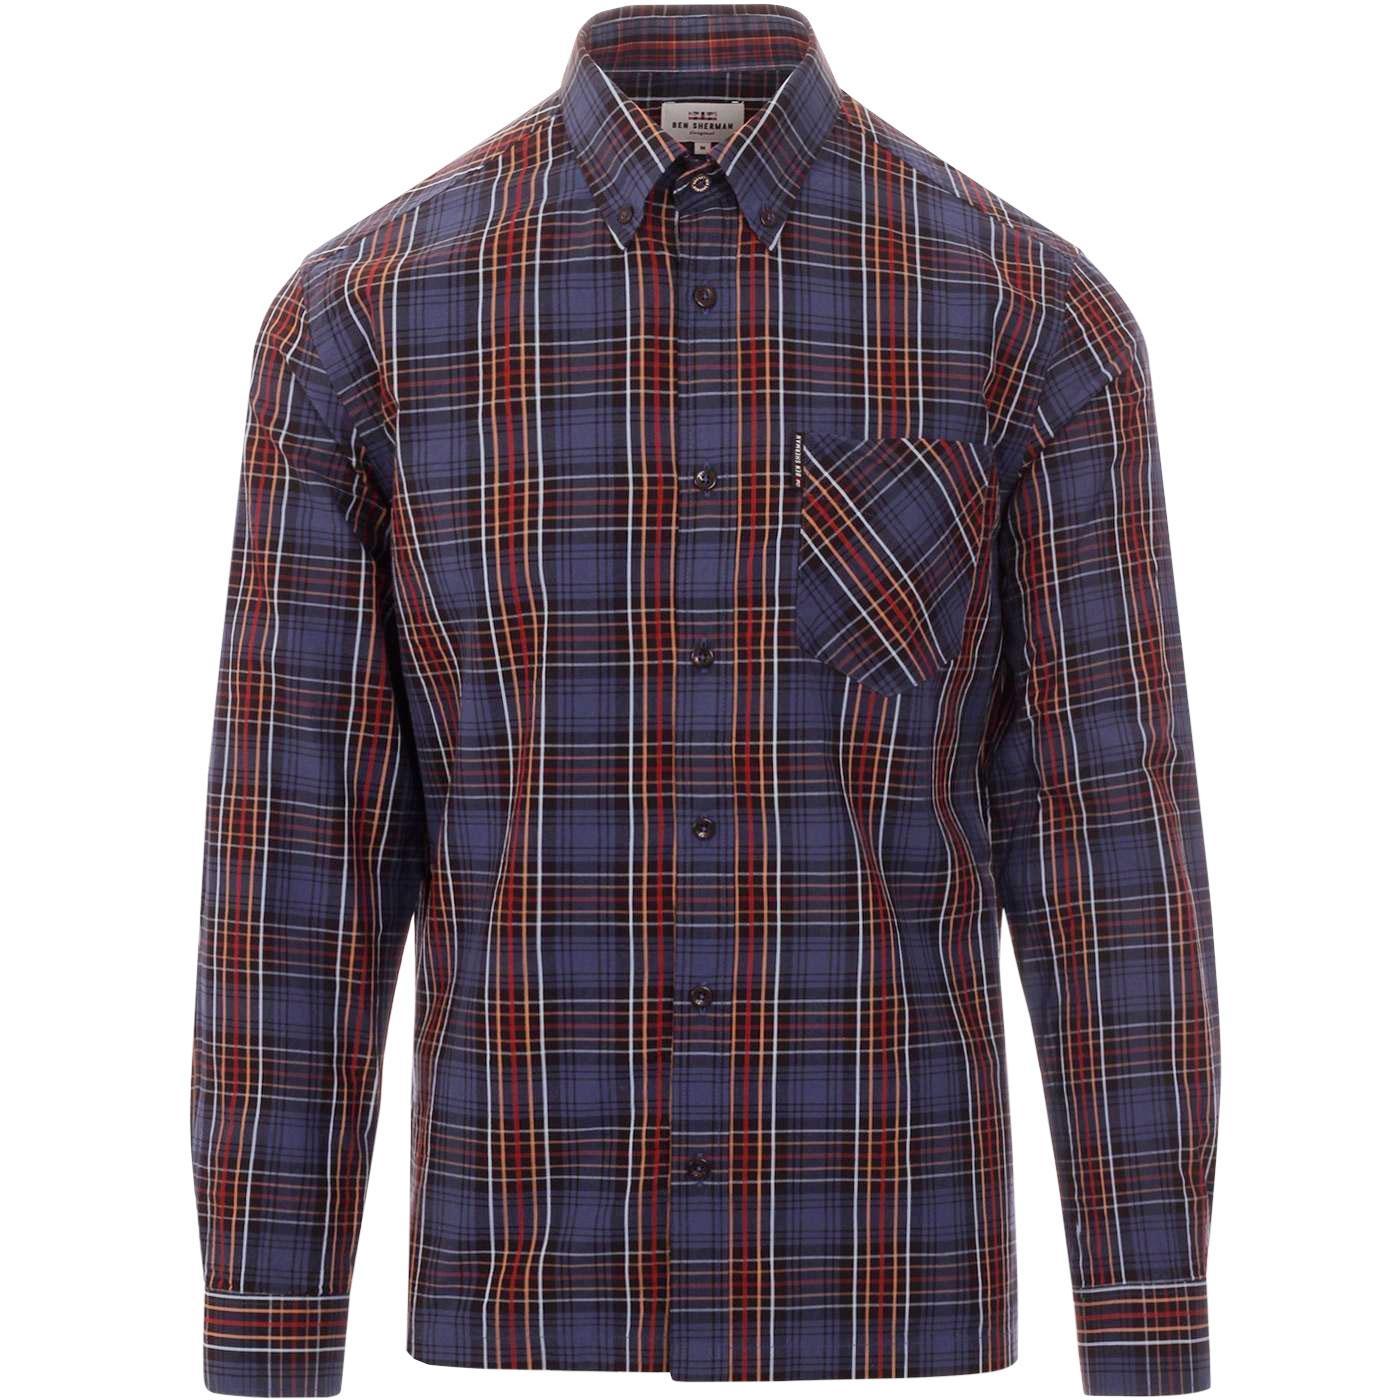 BEN SHERMAN Mod Tartan Check Button Down Shirt MB